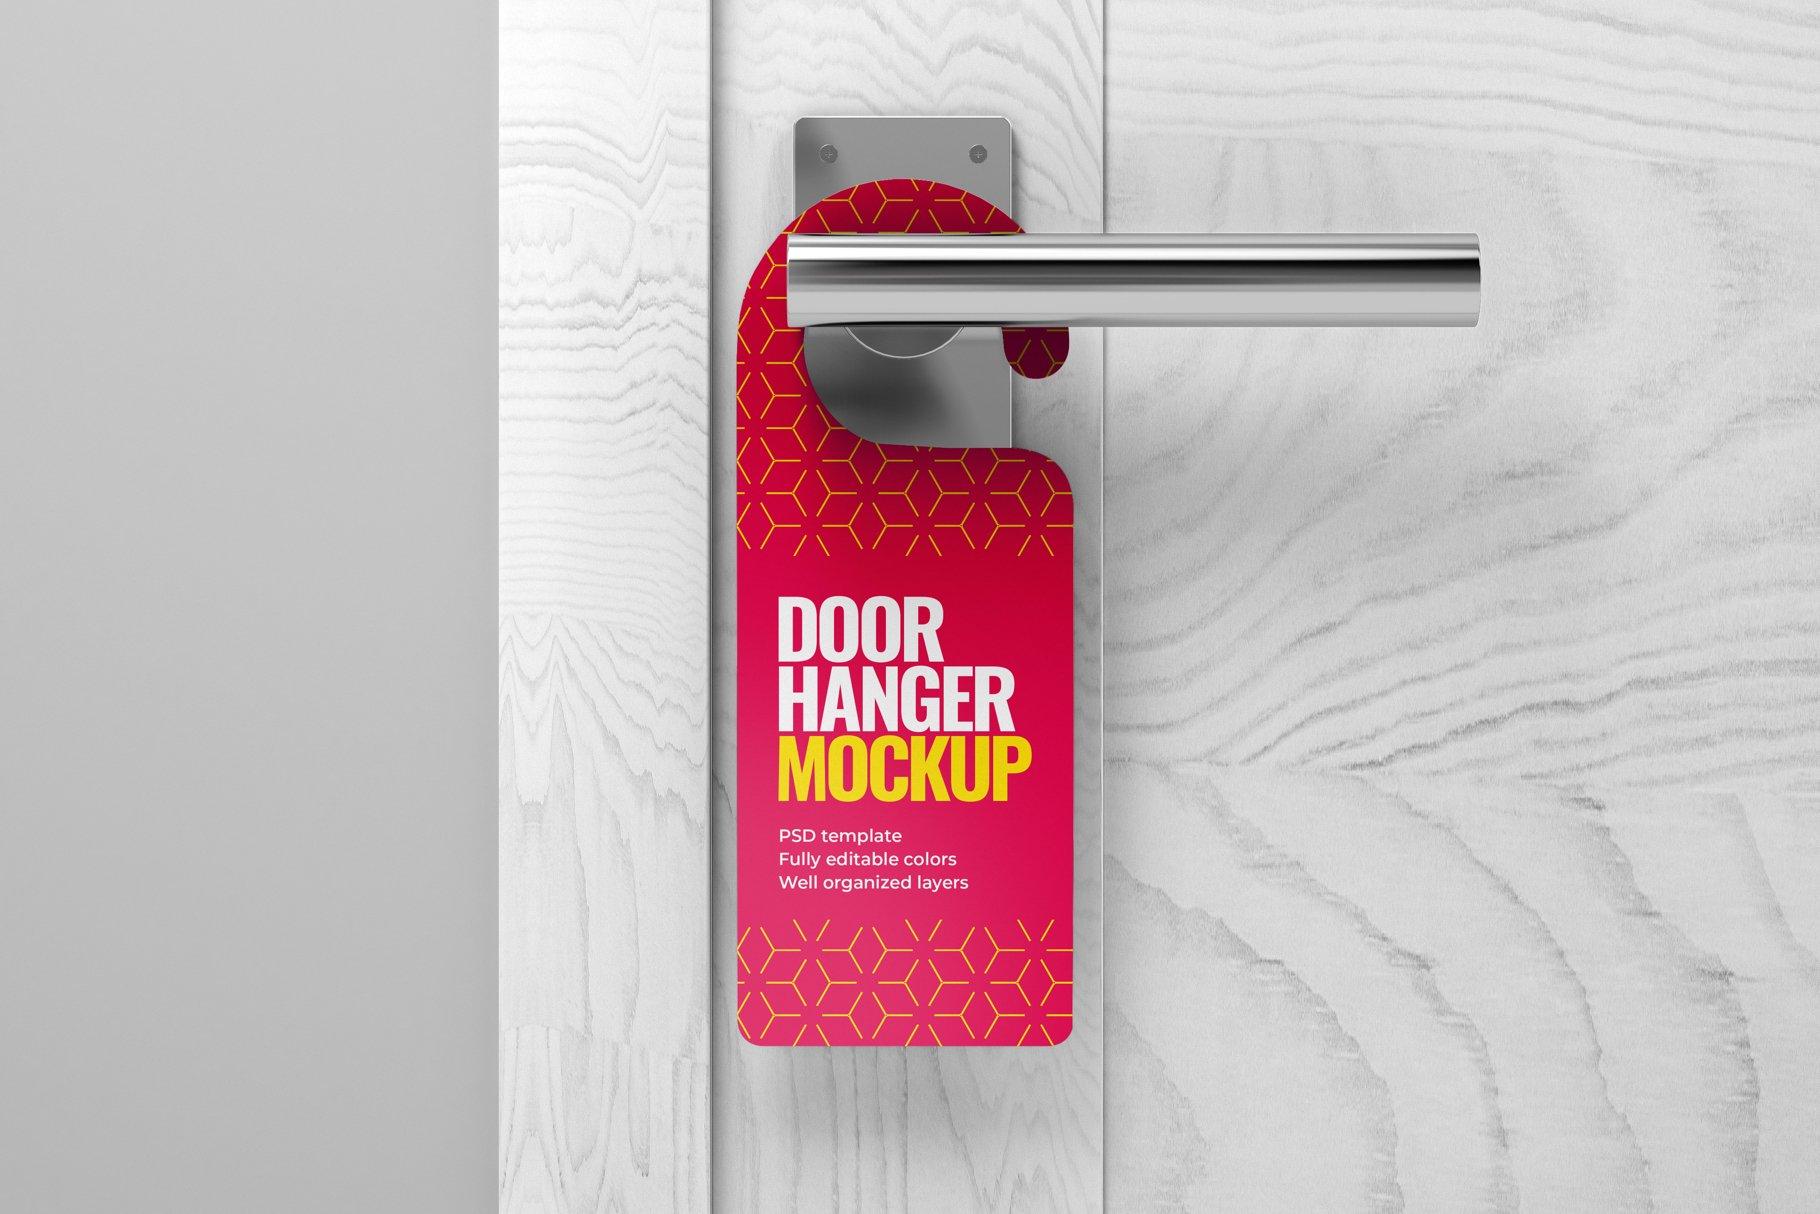 酒店门把手吊牌设计展示样机模板 Door Hanger Mockup Set插图(9)